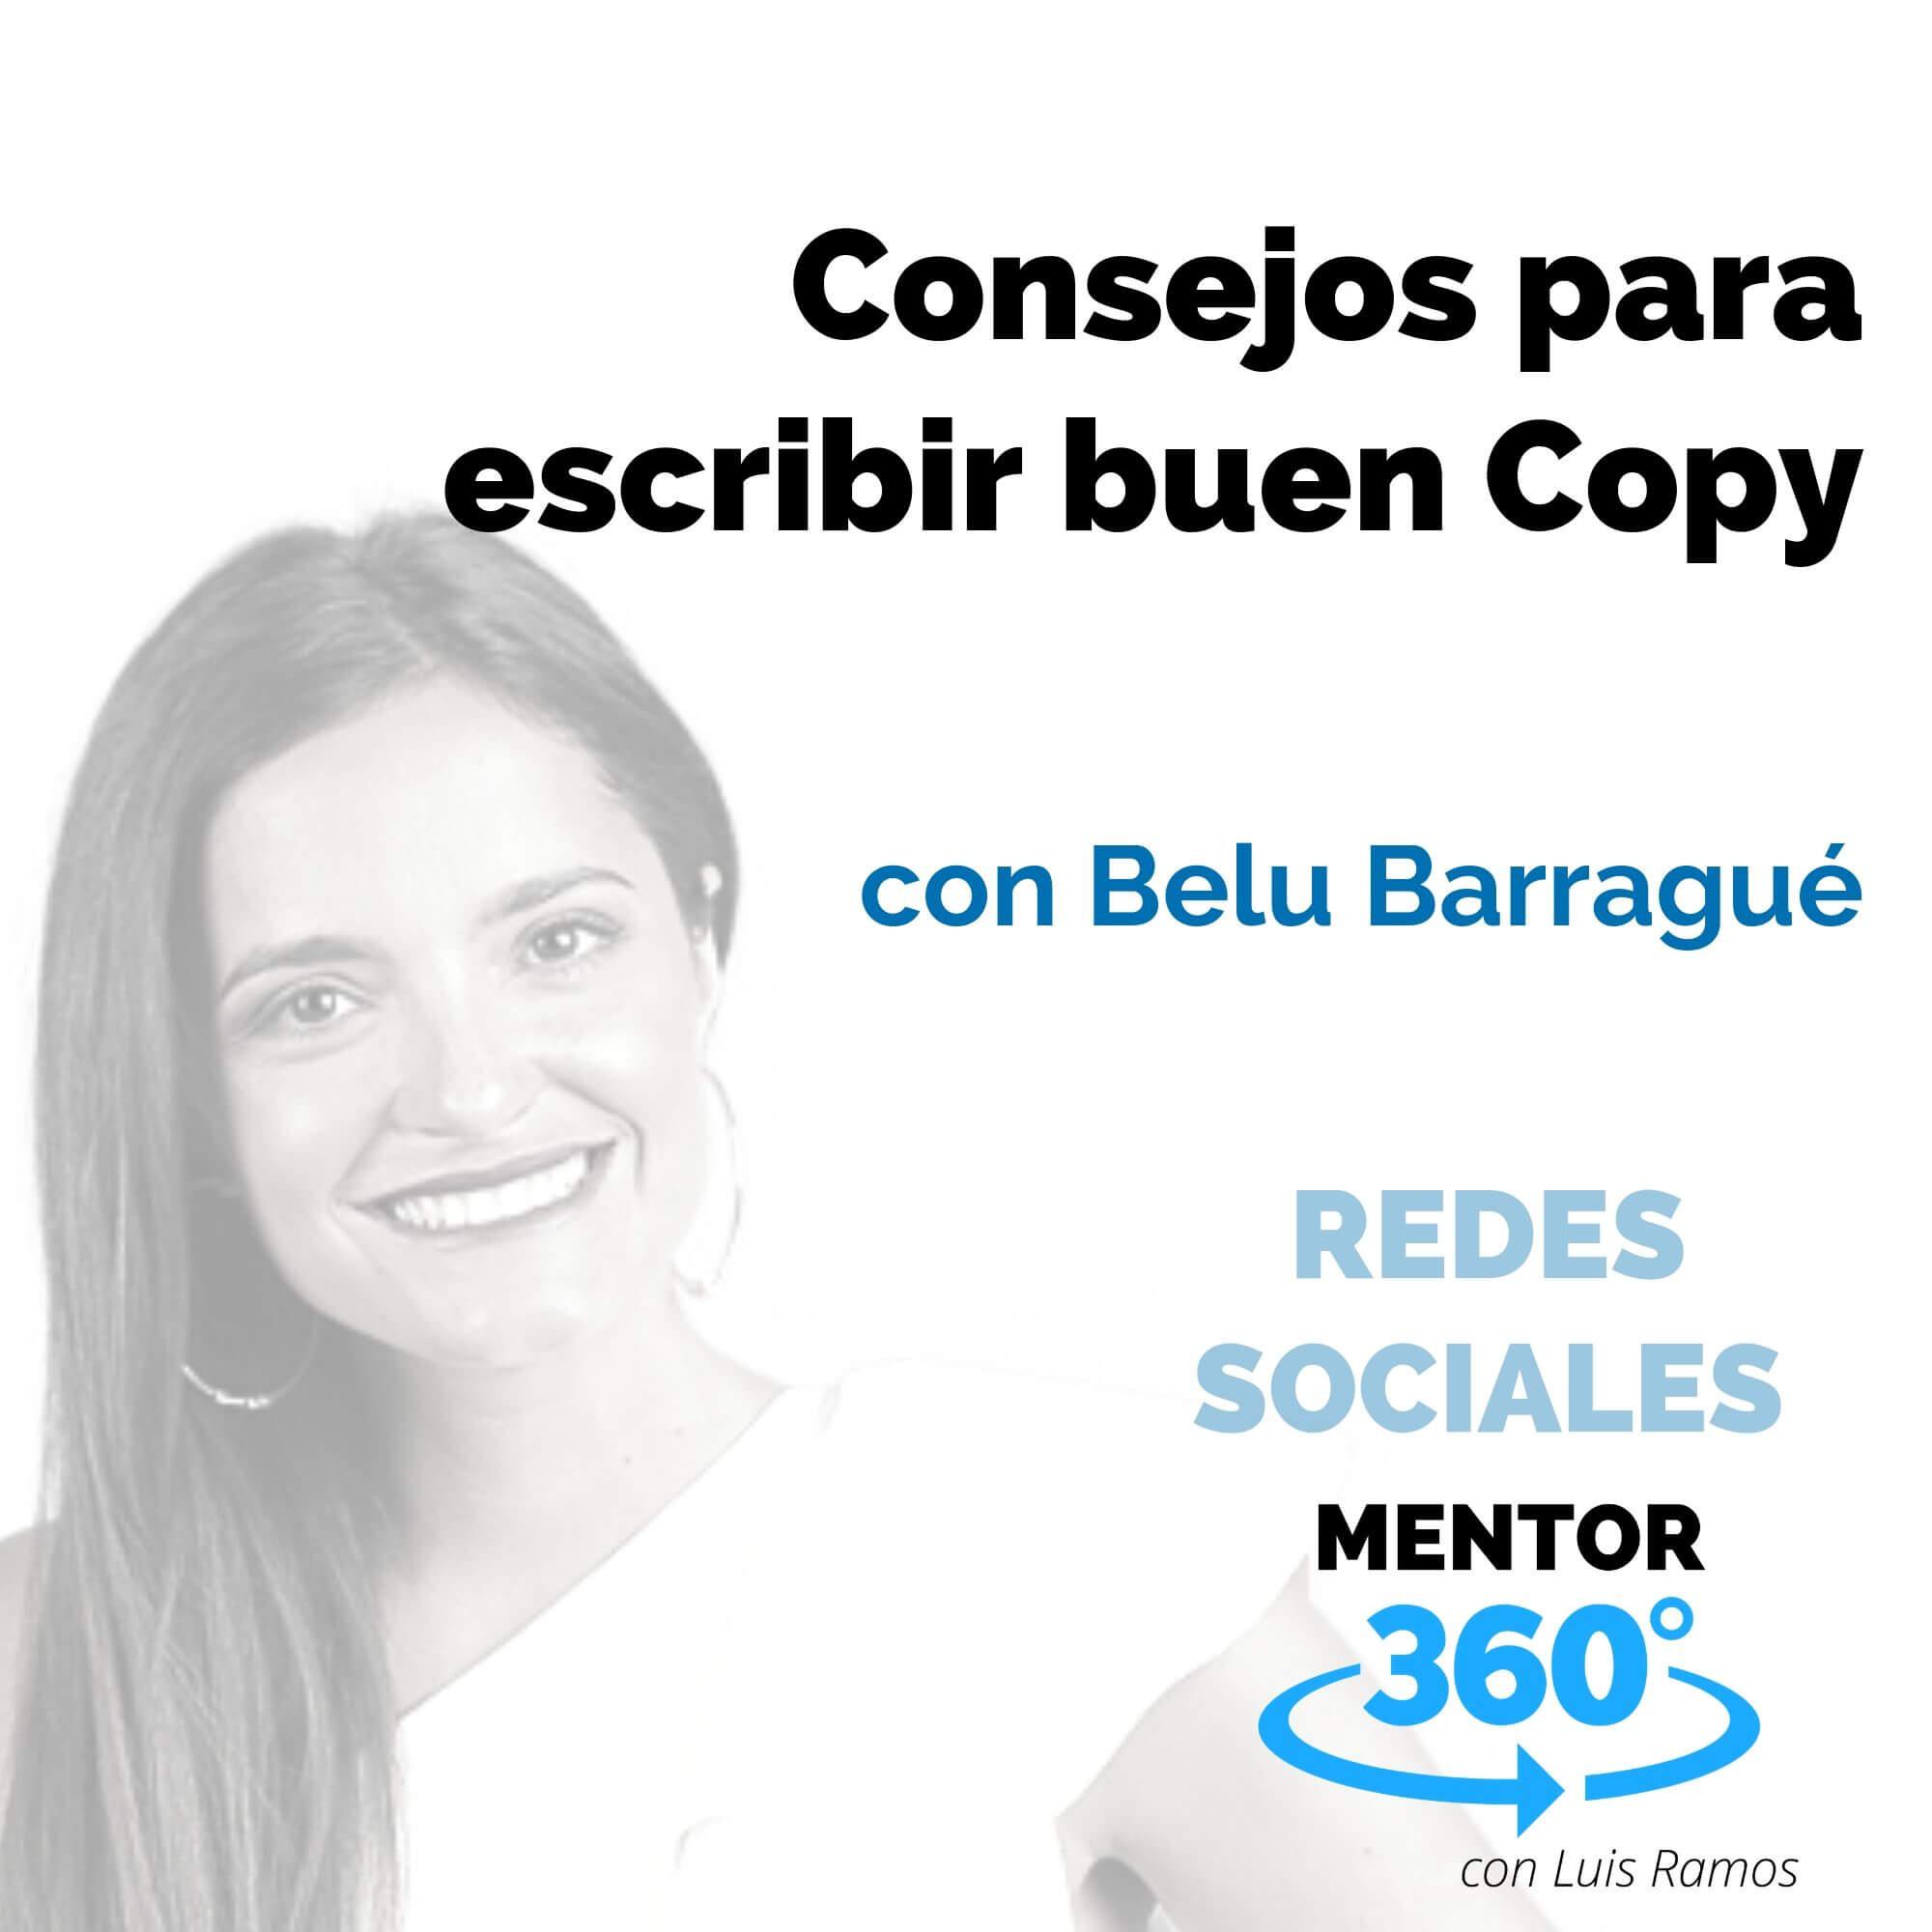 Consejos para escribir buen Copy, con Belu Barragué - REDES SOCIALES